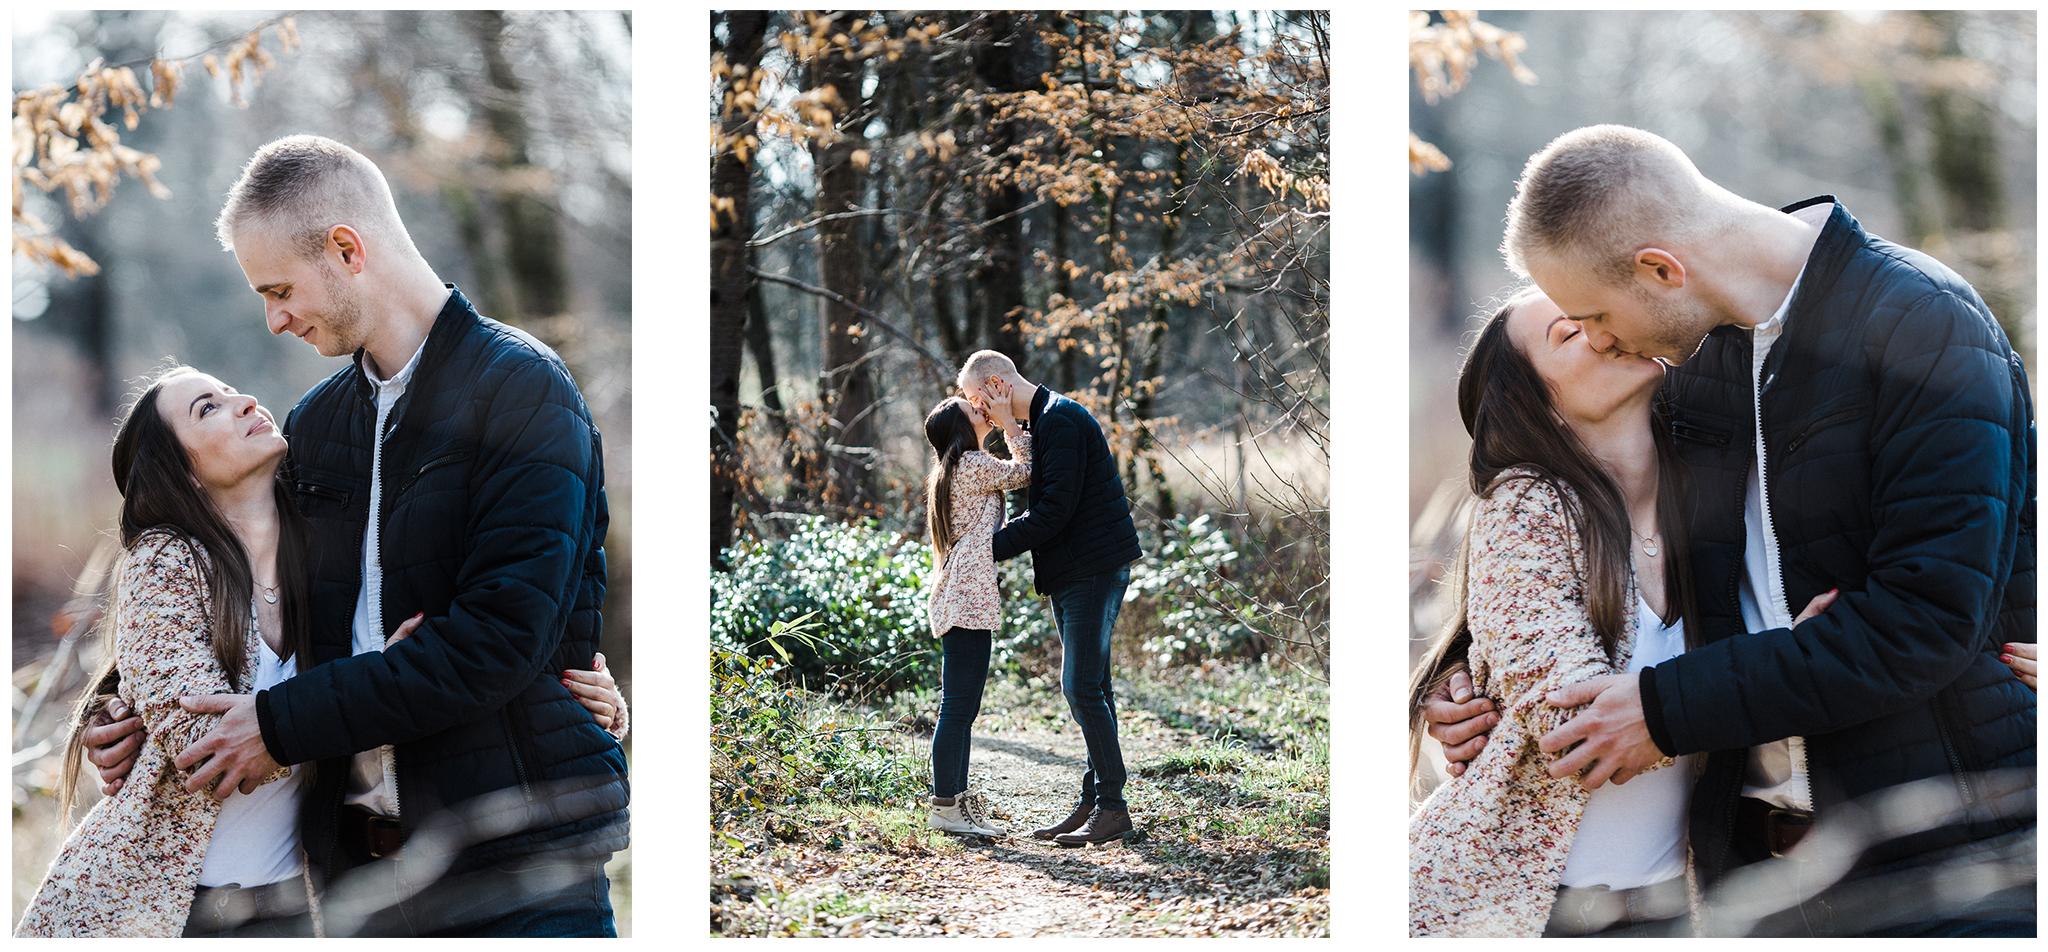 MONT_FylepPhoto, Esküvőfotós Vasmegye, Esküvő fotózás, Esküvői fotós, Körmend, Vas megye, Dunántúl, Budapest, Fülöp Péter, Jegyes fotózás, jegyesfotó_Réka&Peti,2018_005.jpg